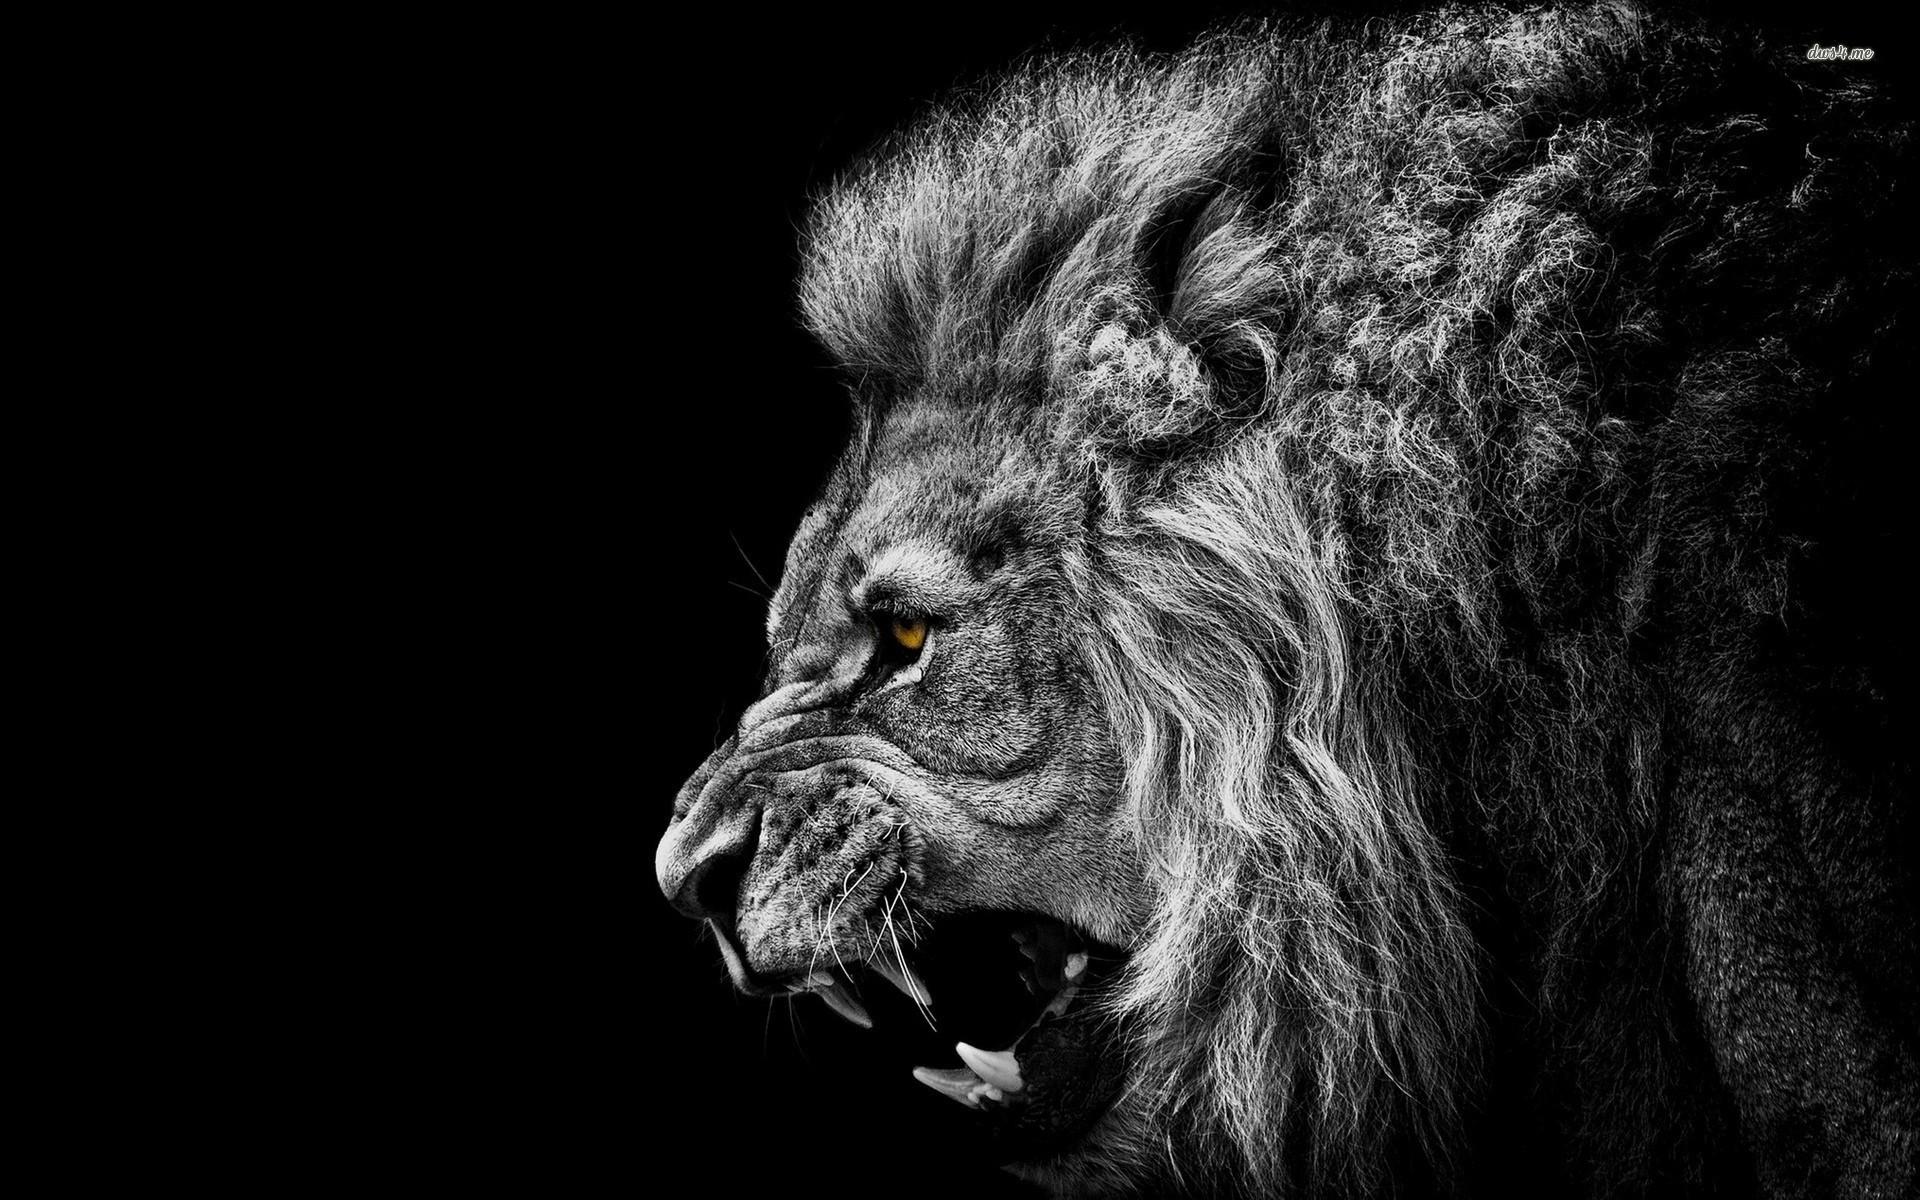 10+ ideas about Lion Wallpaper on Pinterest | Leon, Hakuna matata